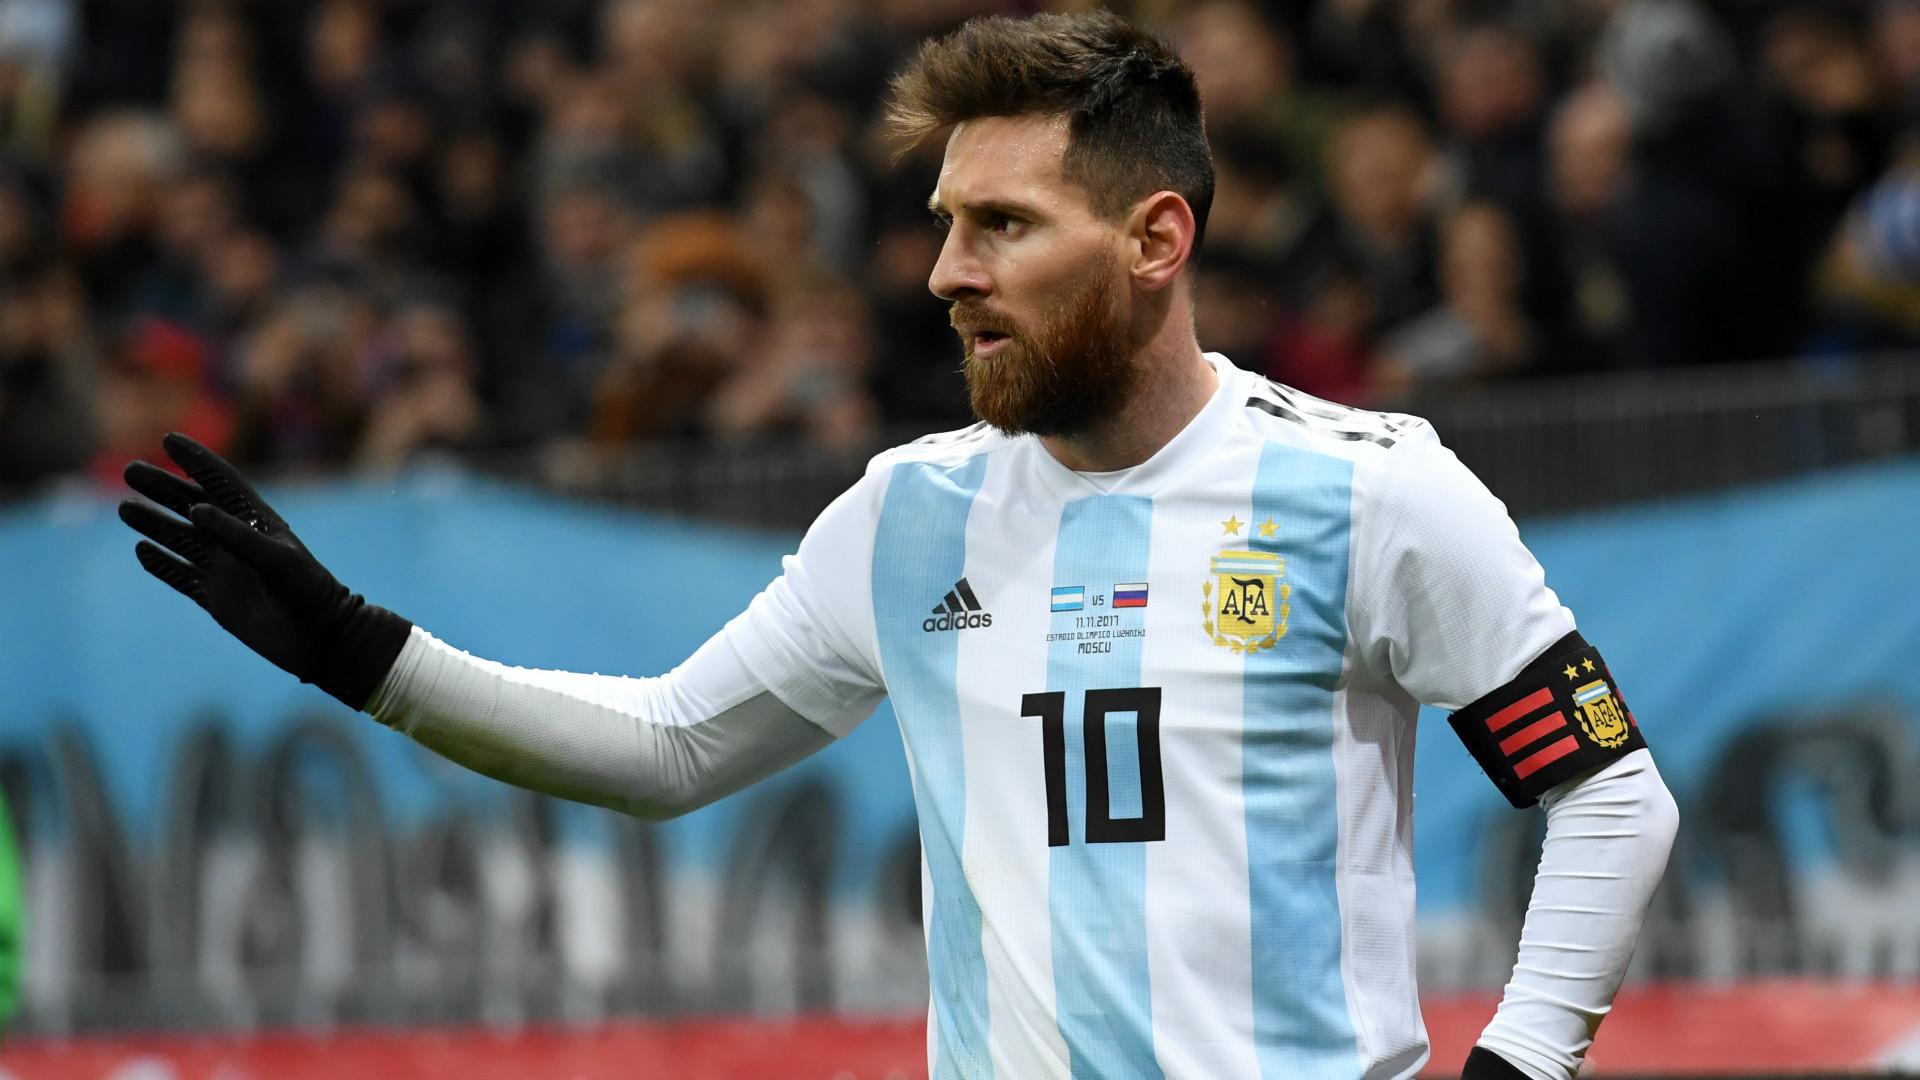 Messi Mundialga tayyorgarlik ko'rishi kerakmi?